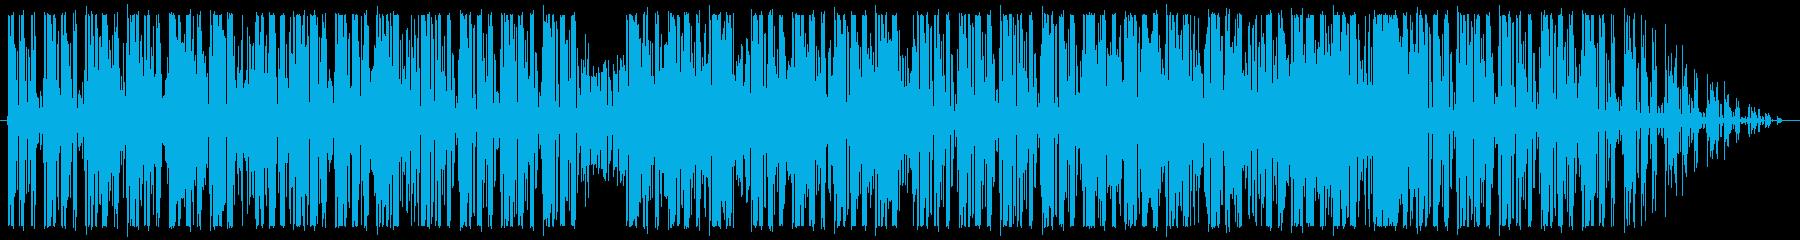 80年代風のグラウンドビートの再生済みの波形